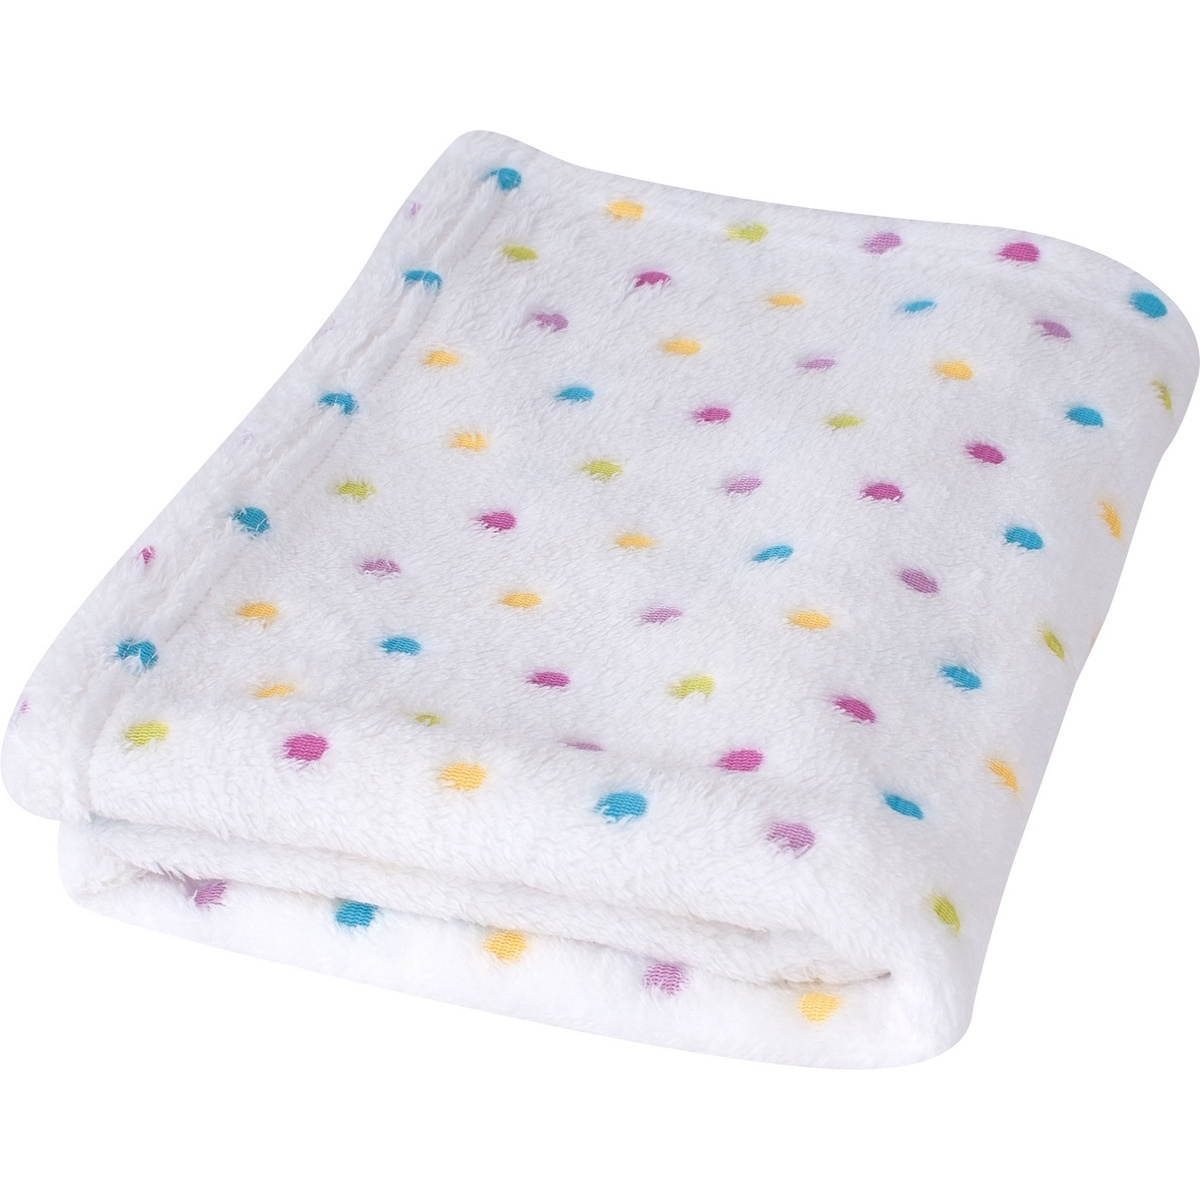 Dětská deka Milly puntík bílá, 75 x 100 cm